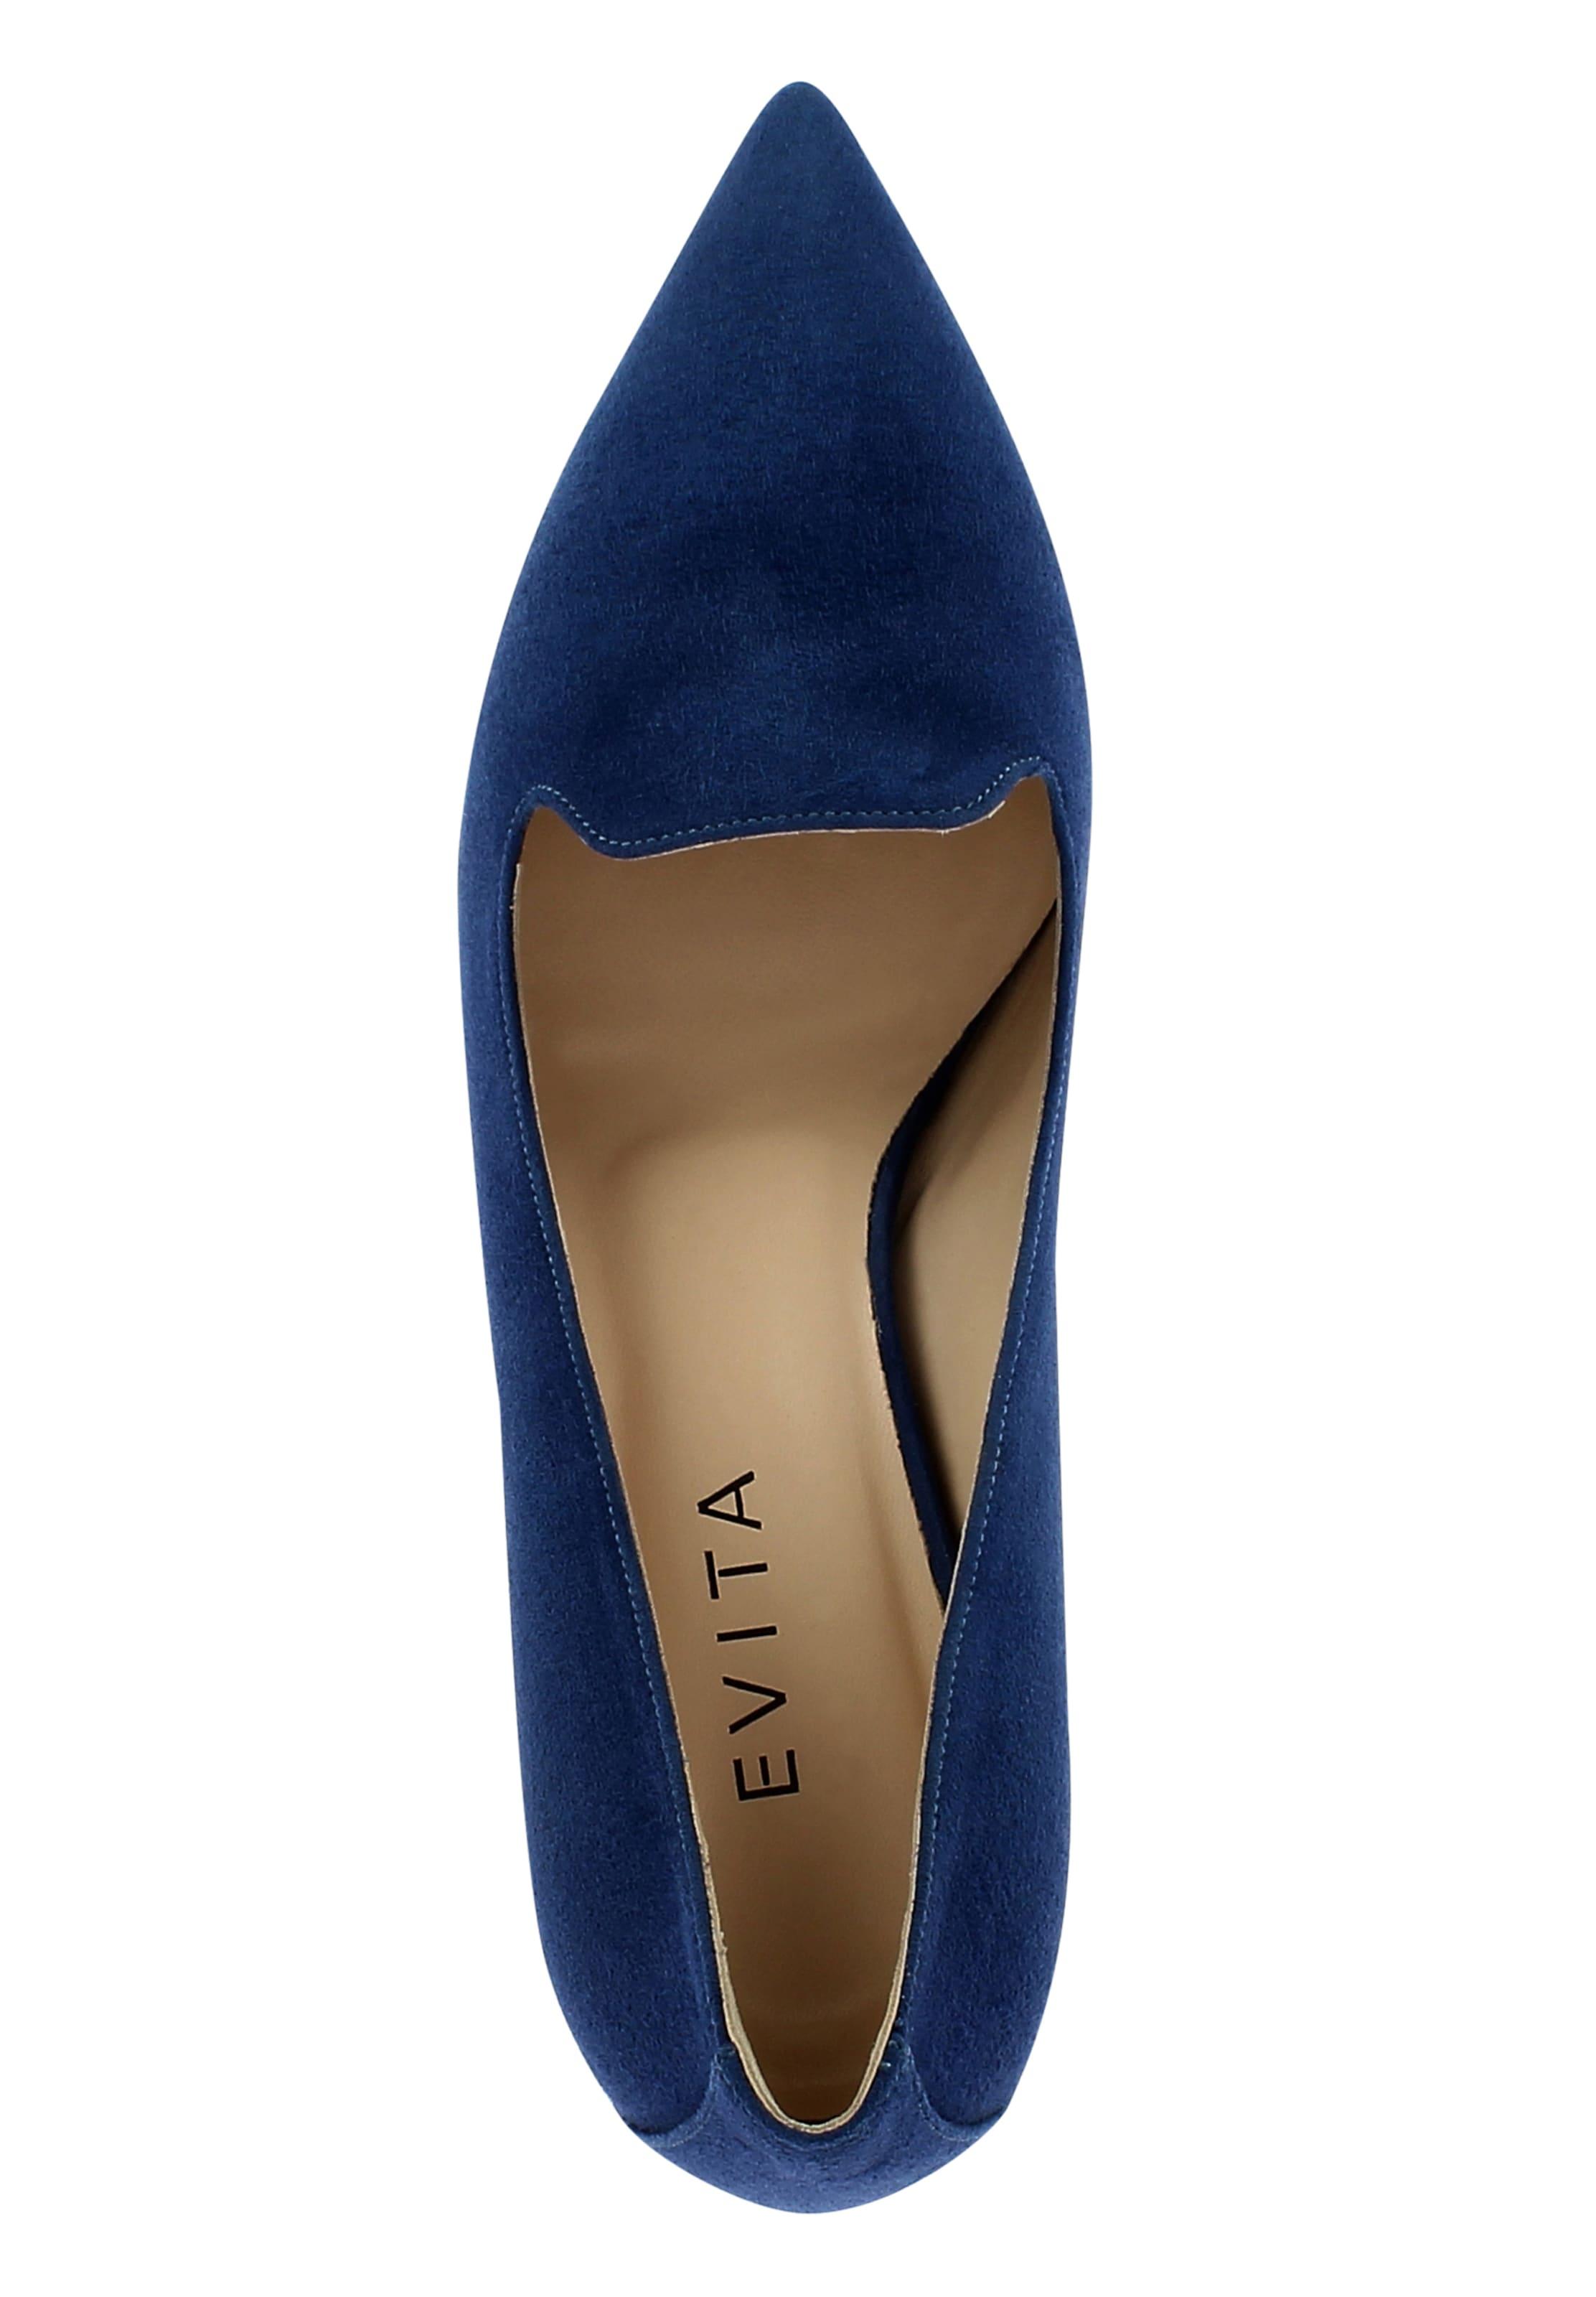 Ciel En Evita Evita Bleu Escarpins 4L3j5AR